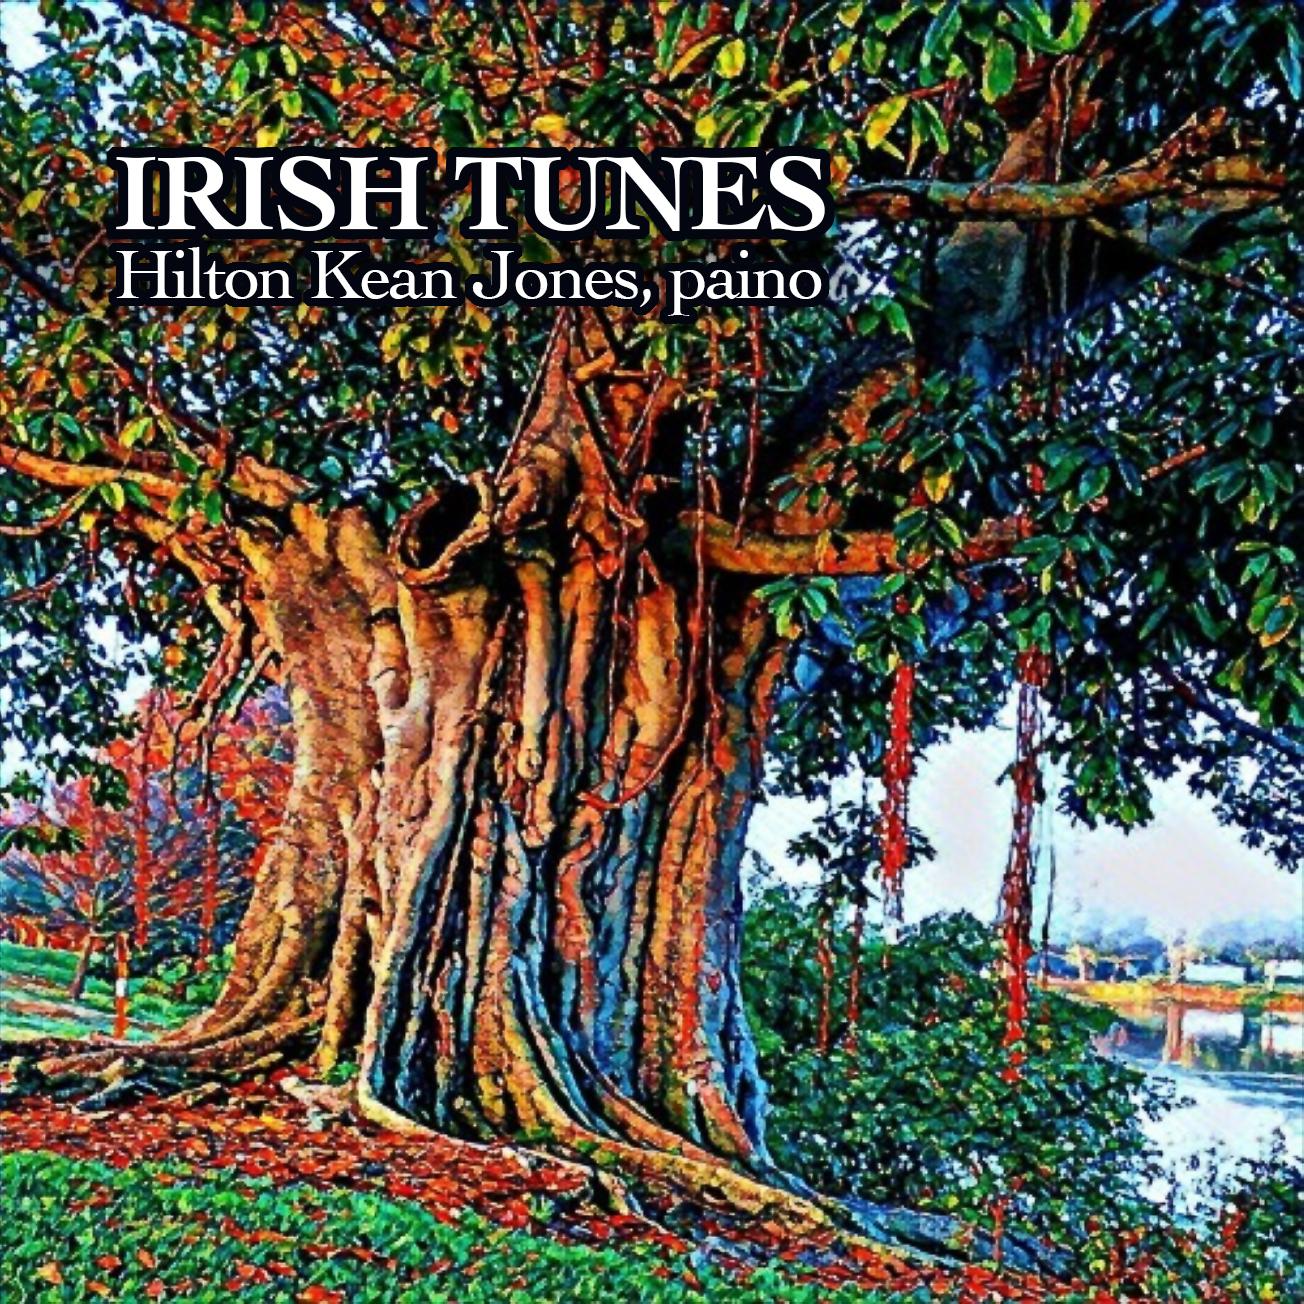 revised IRISH TUNES cover